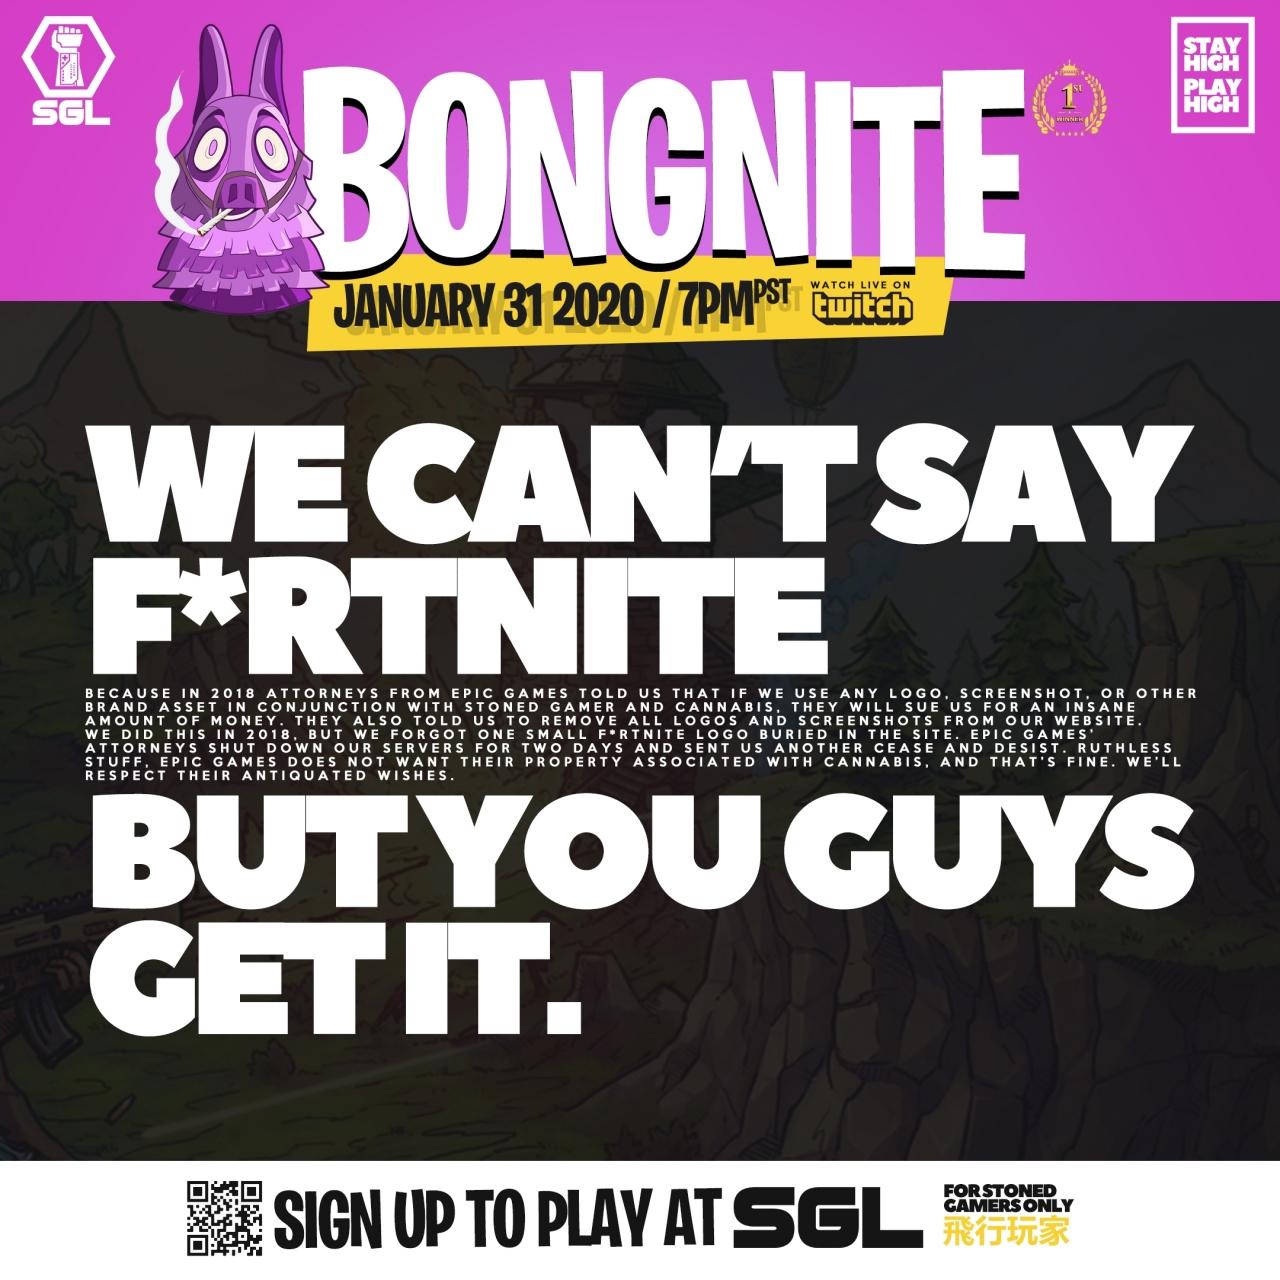 bongnite-say